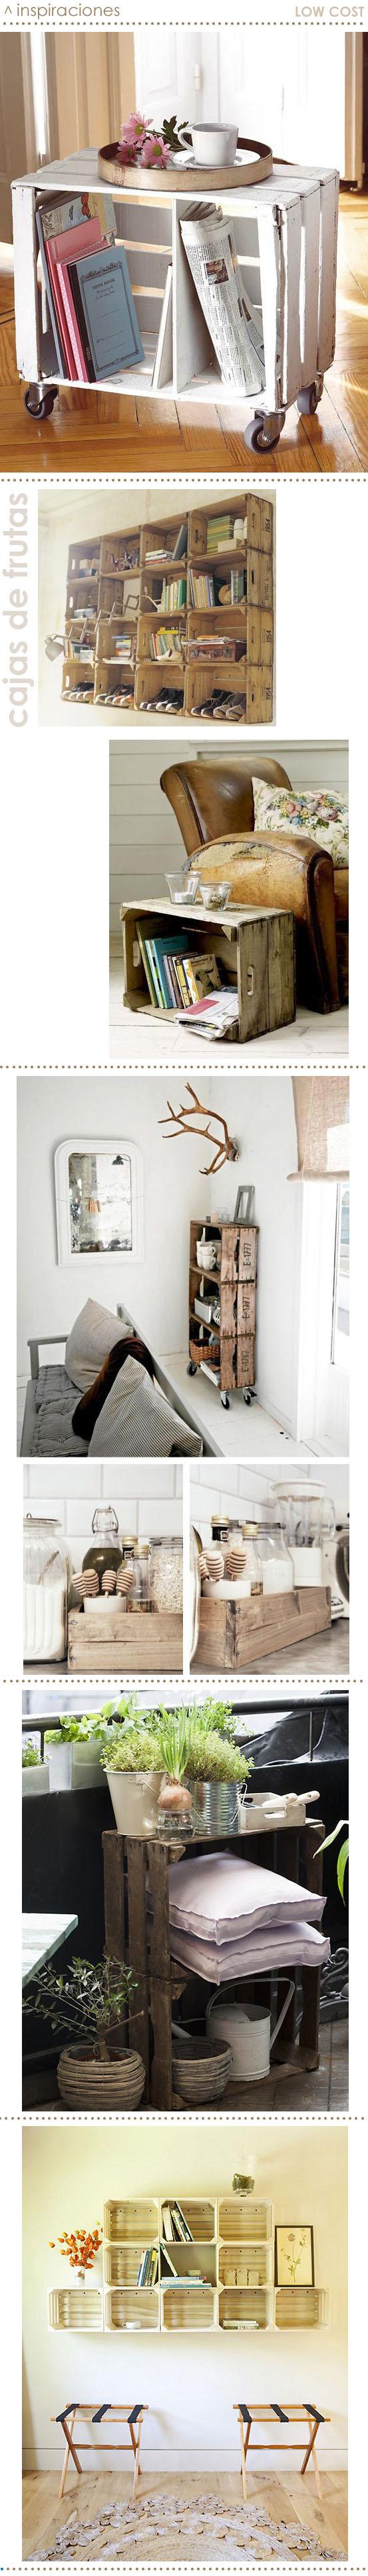 interiorismo-decoracion-low_cost-cajas_fruta-pales-palets-madera-salon-mesa_noche-mesa_auxiliar-mesa_centro-estanteria-dormitorio-cocina-loft-proyectos-on_line-tres_studio-5